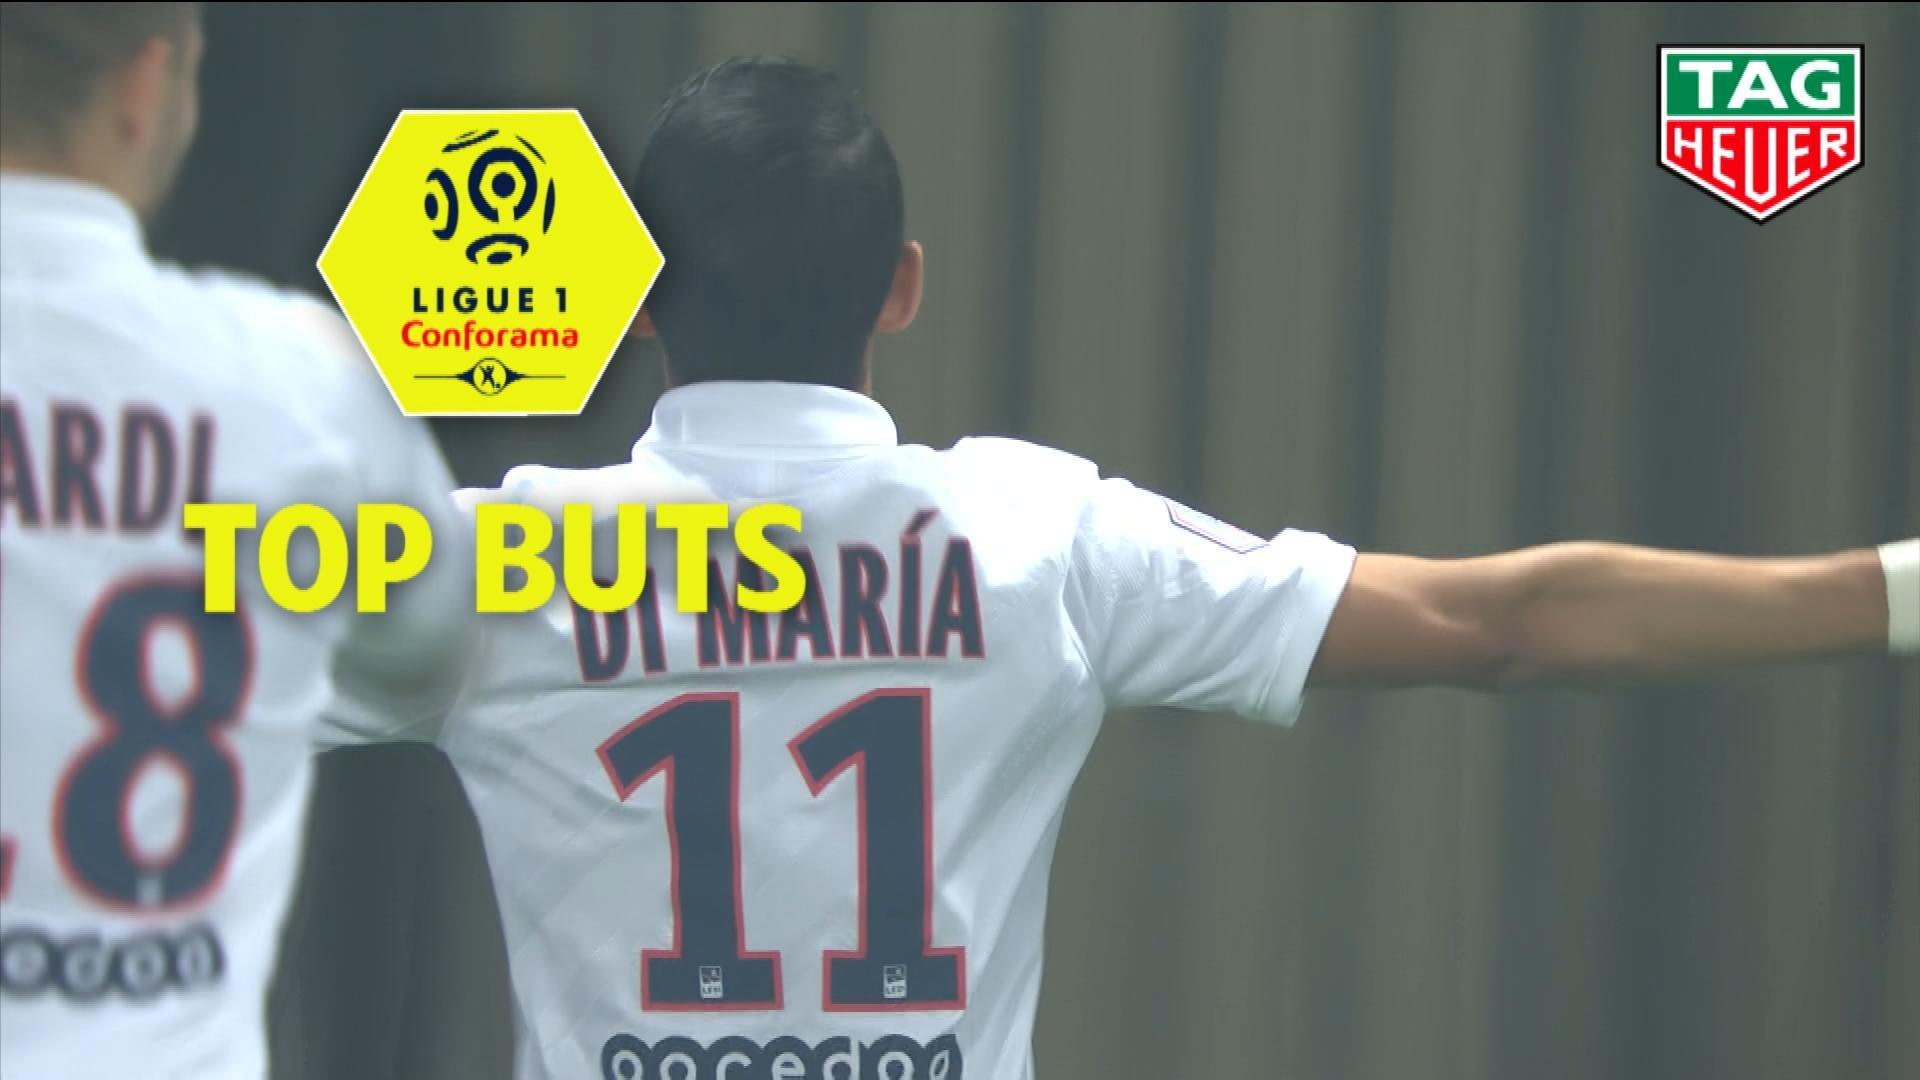 Top buts 10ème journée - Ligue 1 Conforama / 2019-20